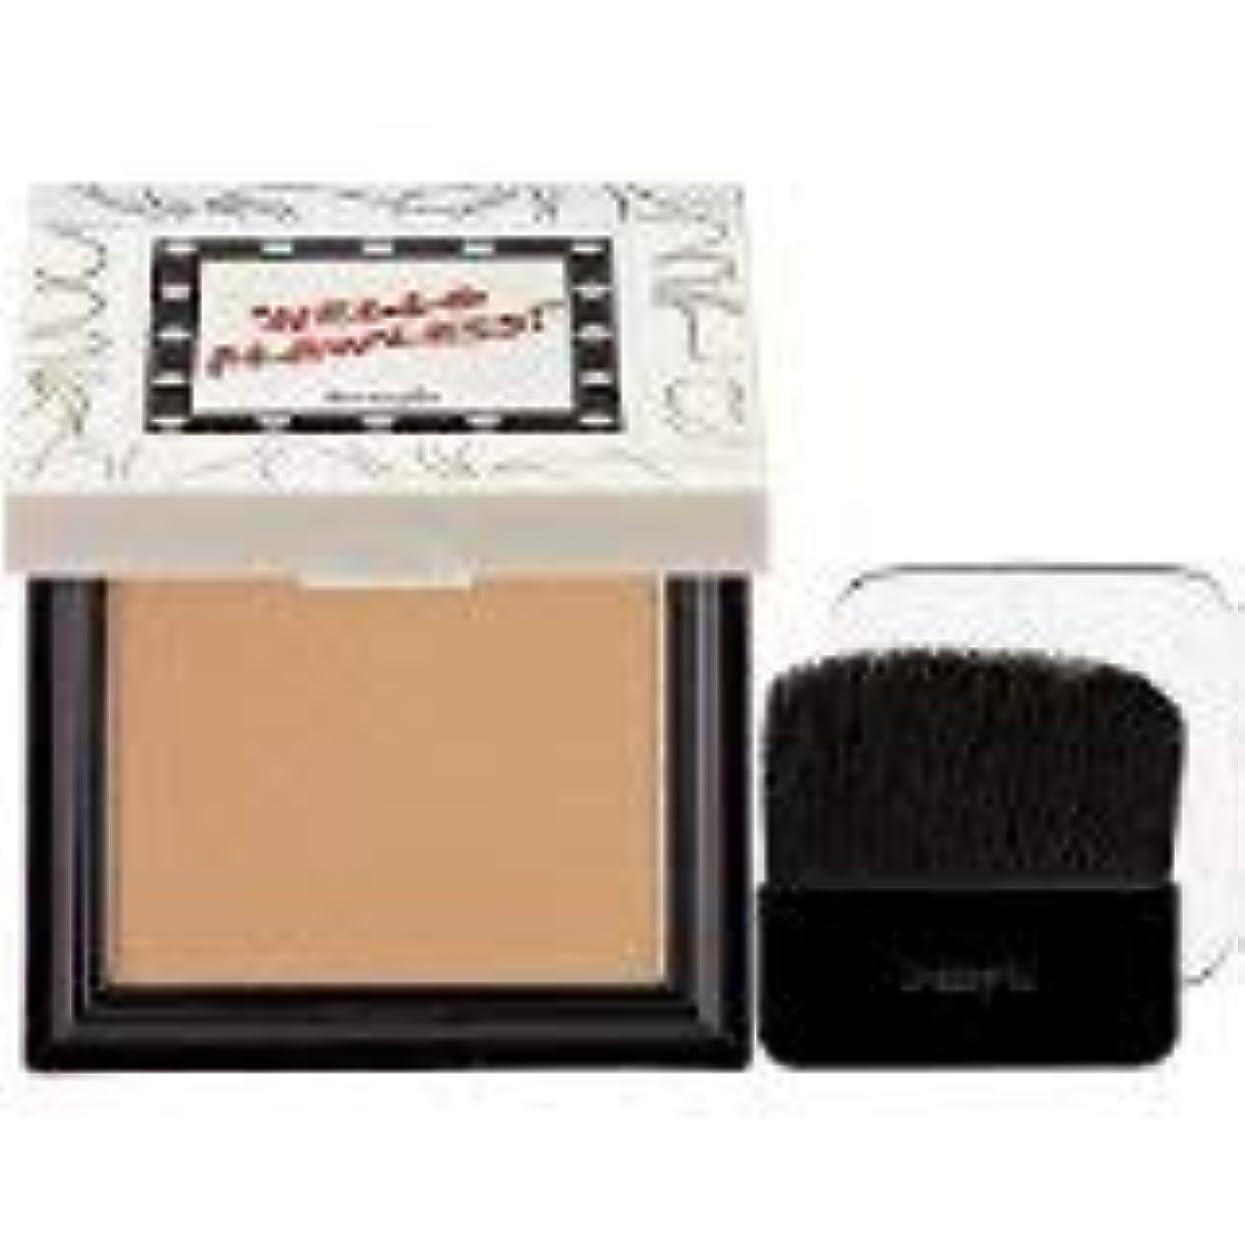 ストレッチ差し引く急性Benefit Cosmetics Hello Flawless Powder Foundation in I'm Cute as a Bunny HONEY 0.25 oz [並行輸入品]